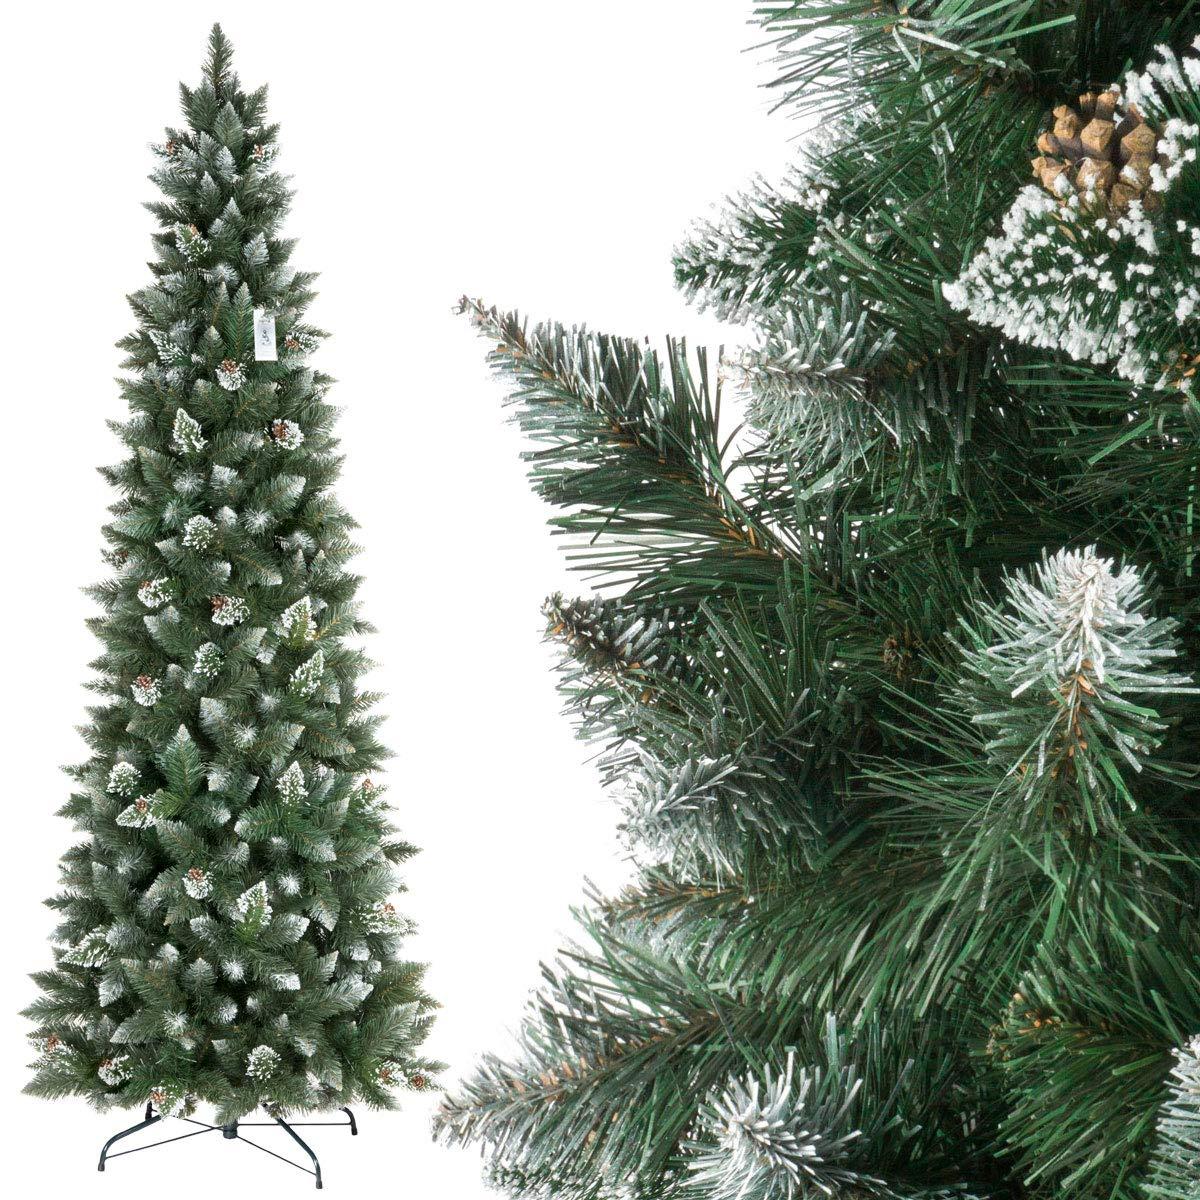 FairyTrees Albero di Natale artificiale PINO, innevato bianco naturale, materiale PVC, vere pigne, incl. supporto in metallo, 120cm